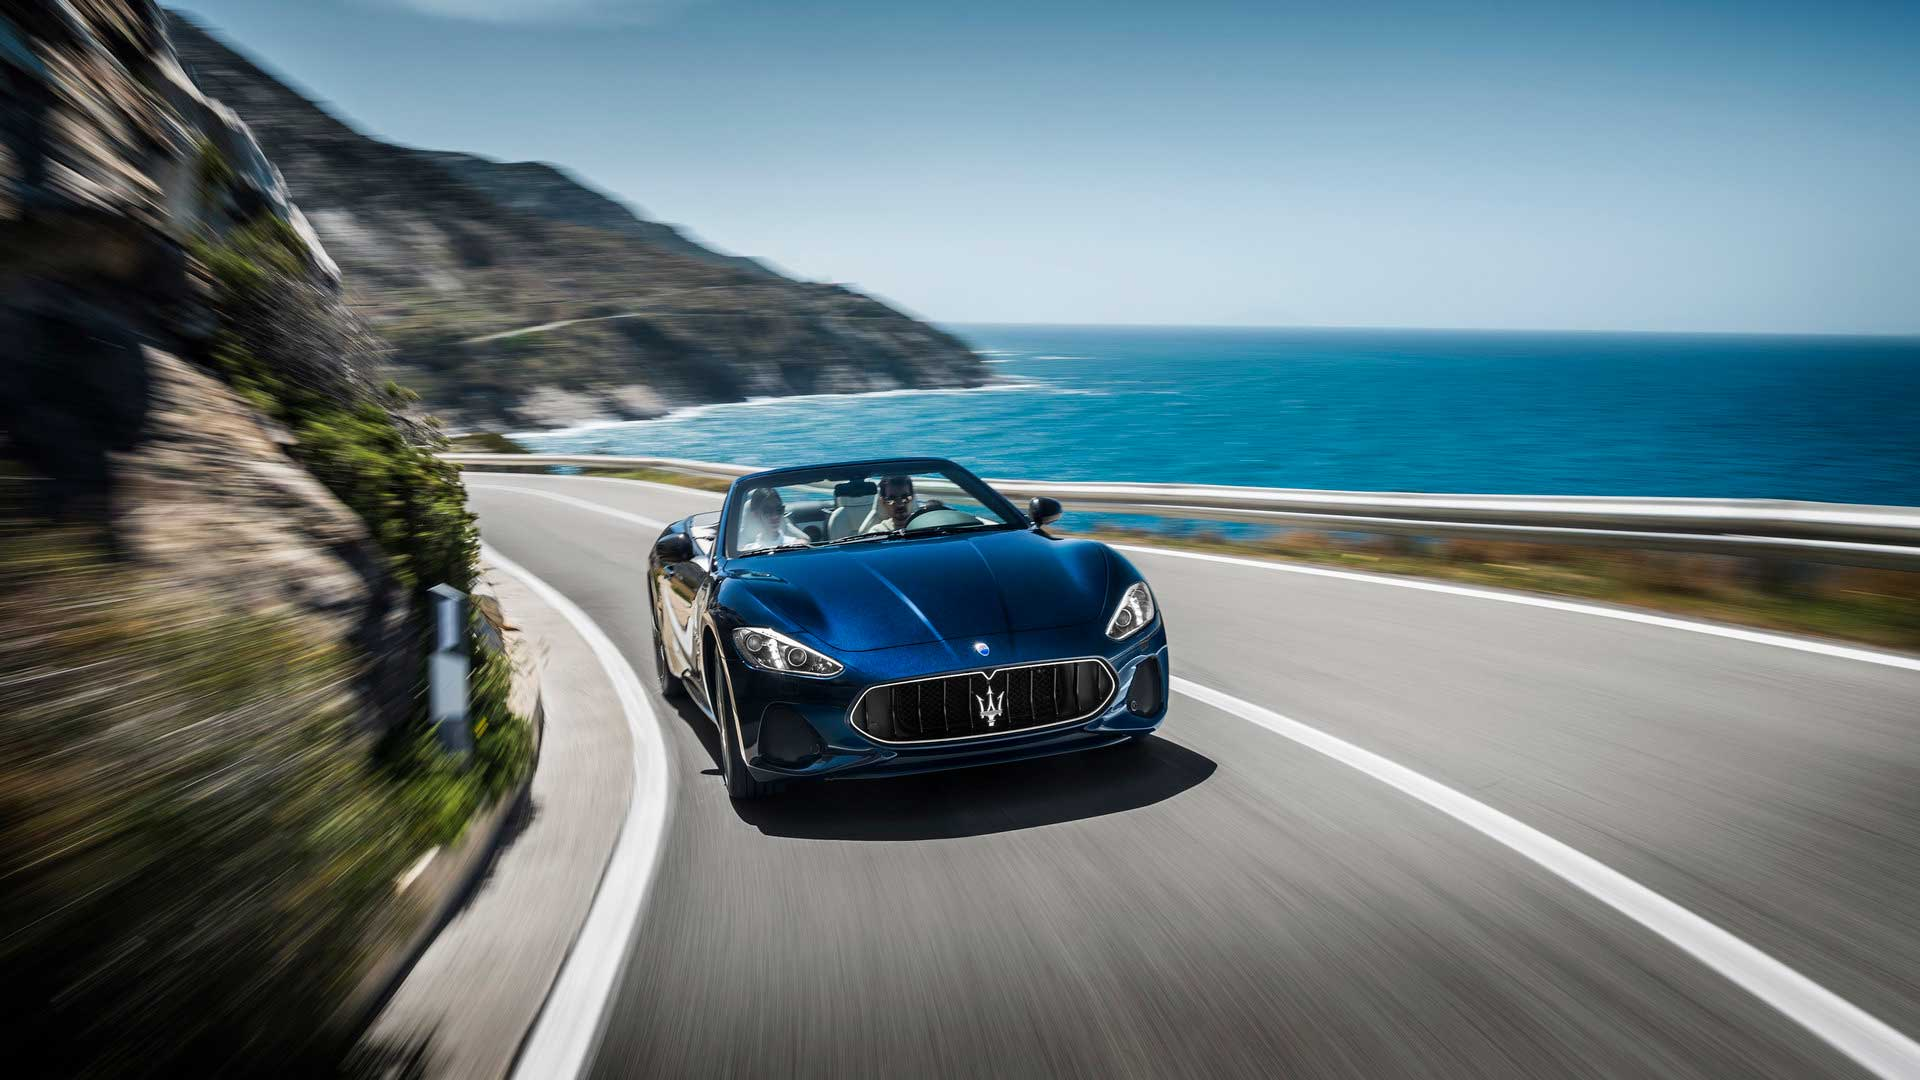 Auto Vidal Balear, Concesionario Oficial Maserati en Palma de Mallorca (Baleares)